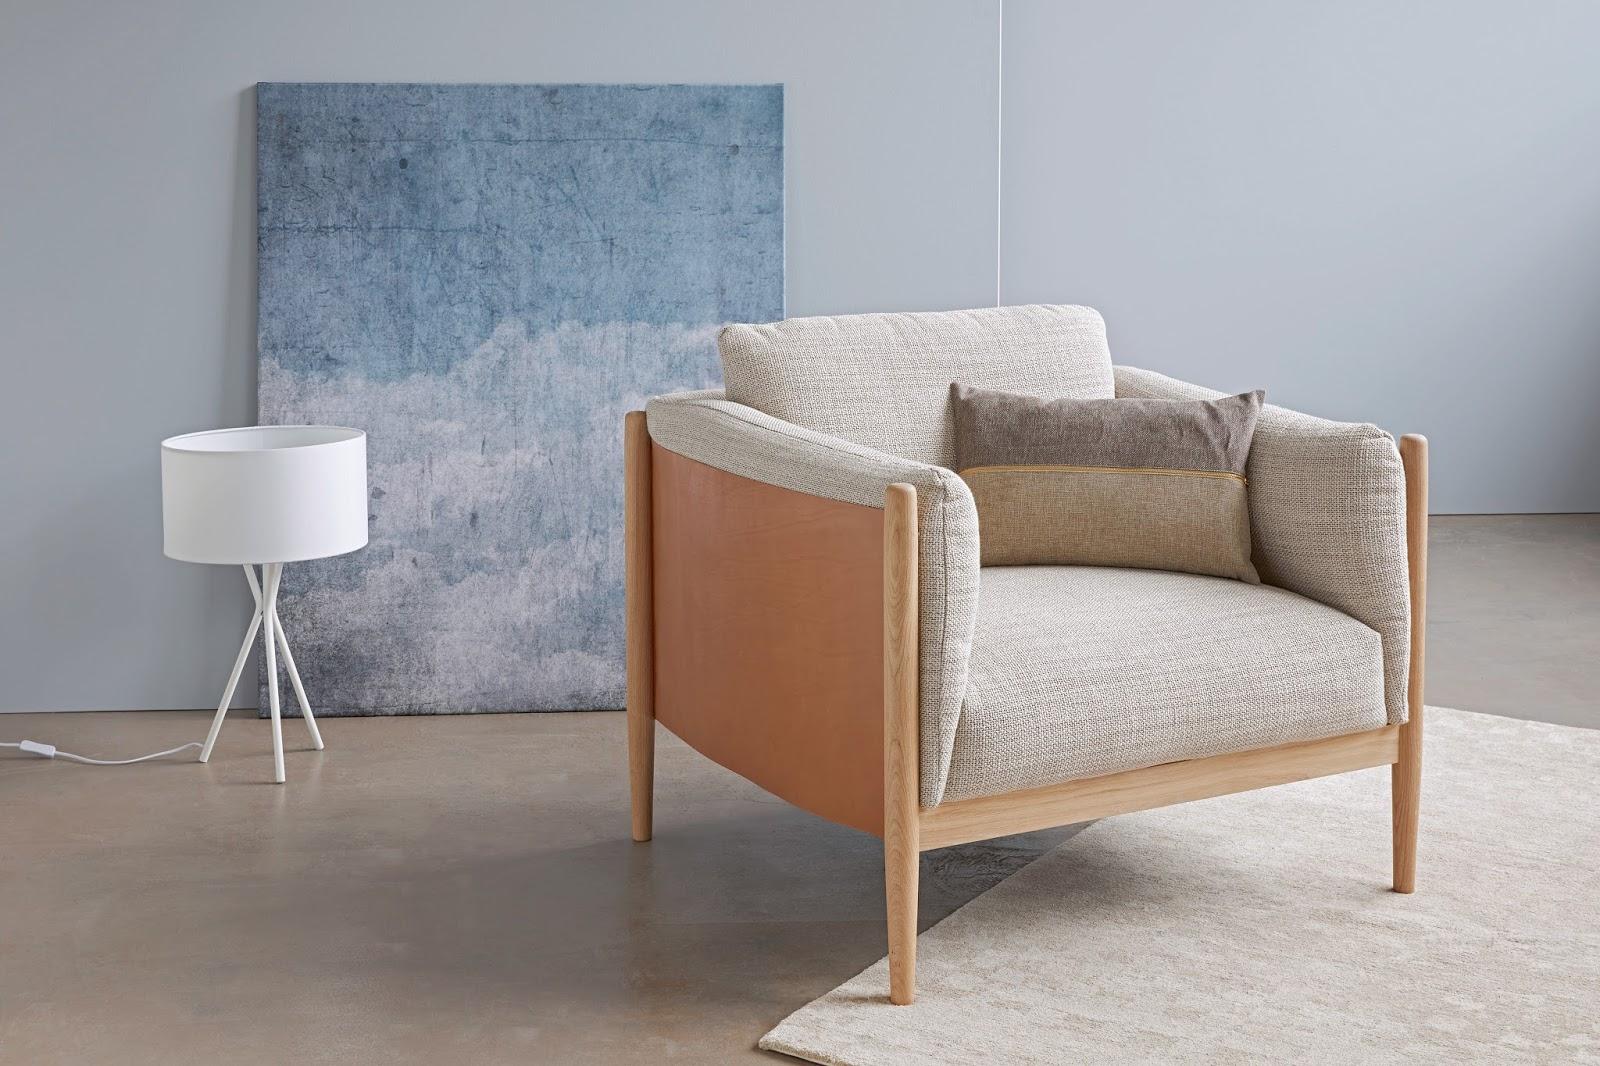 schweizer fundst cke neue kollektion von pfister. Black Bedroom Furniture Sets. Home Design Ideas